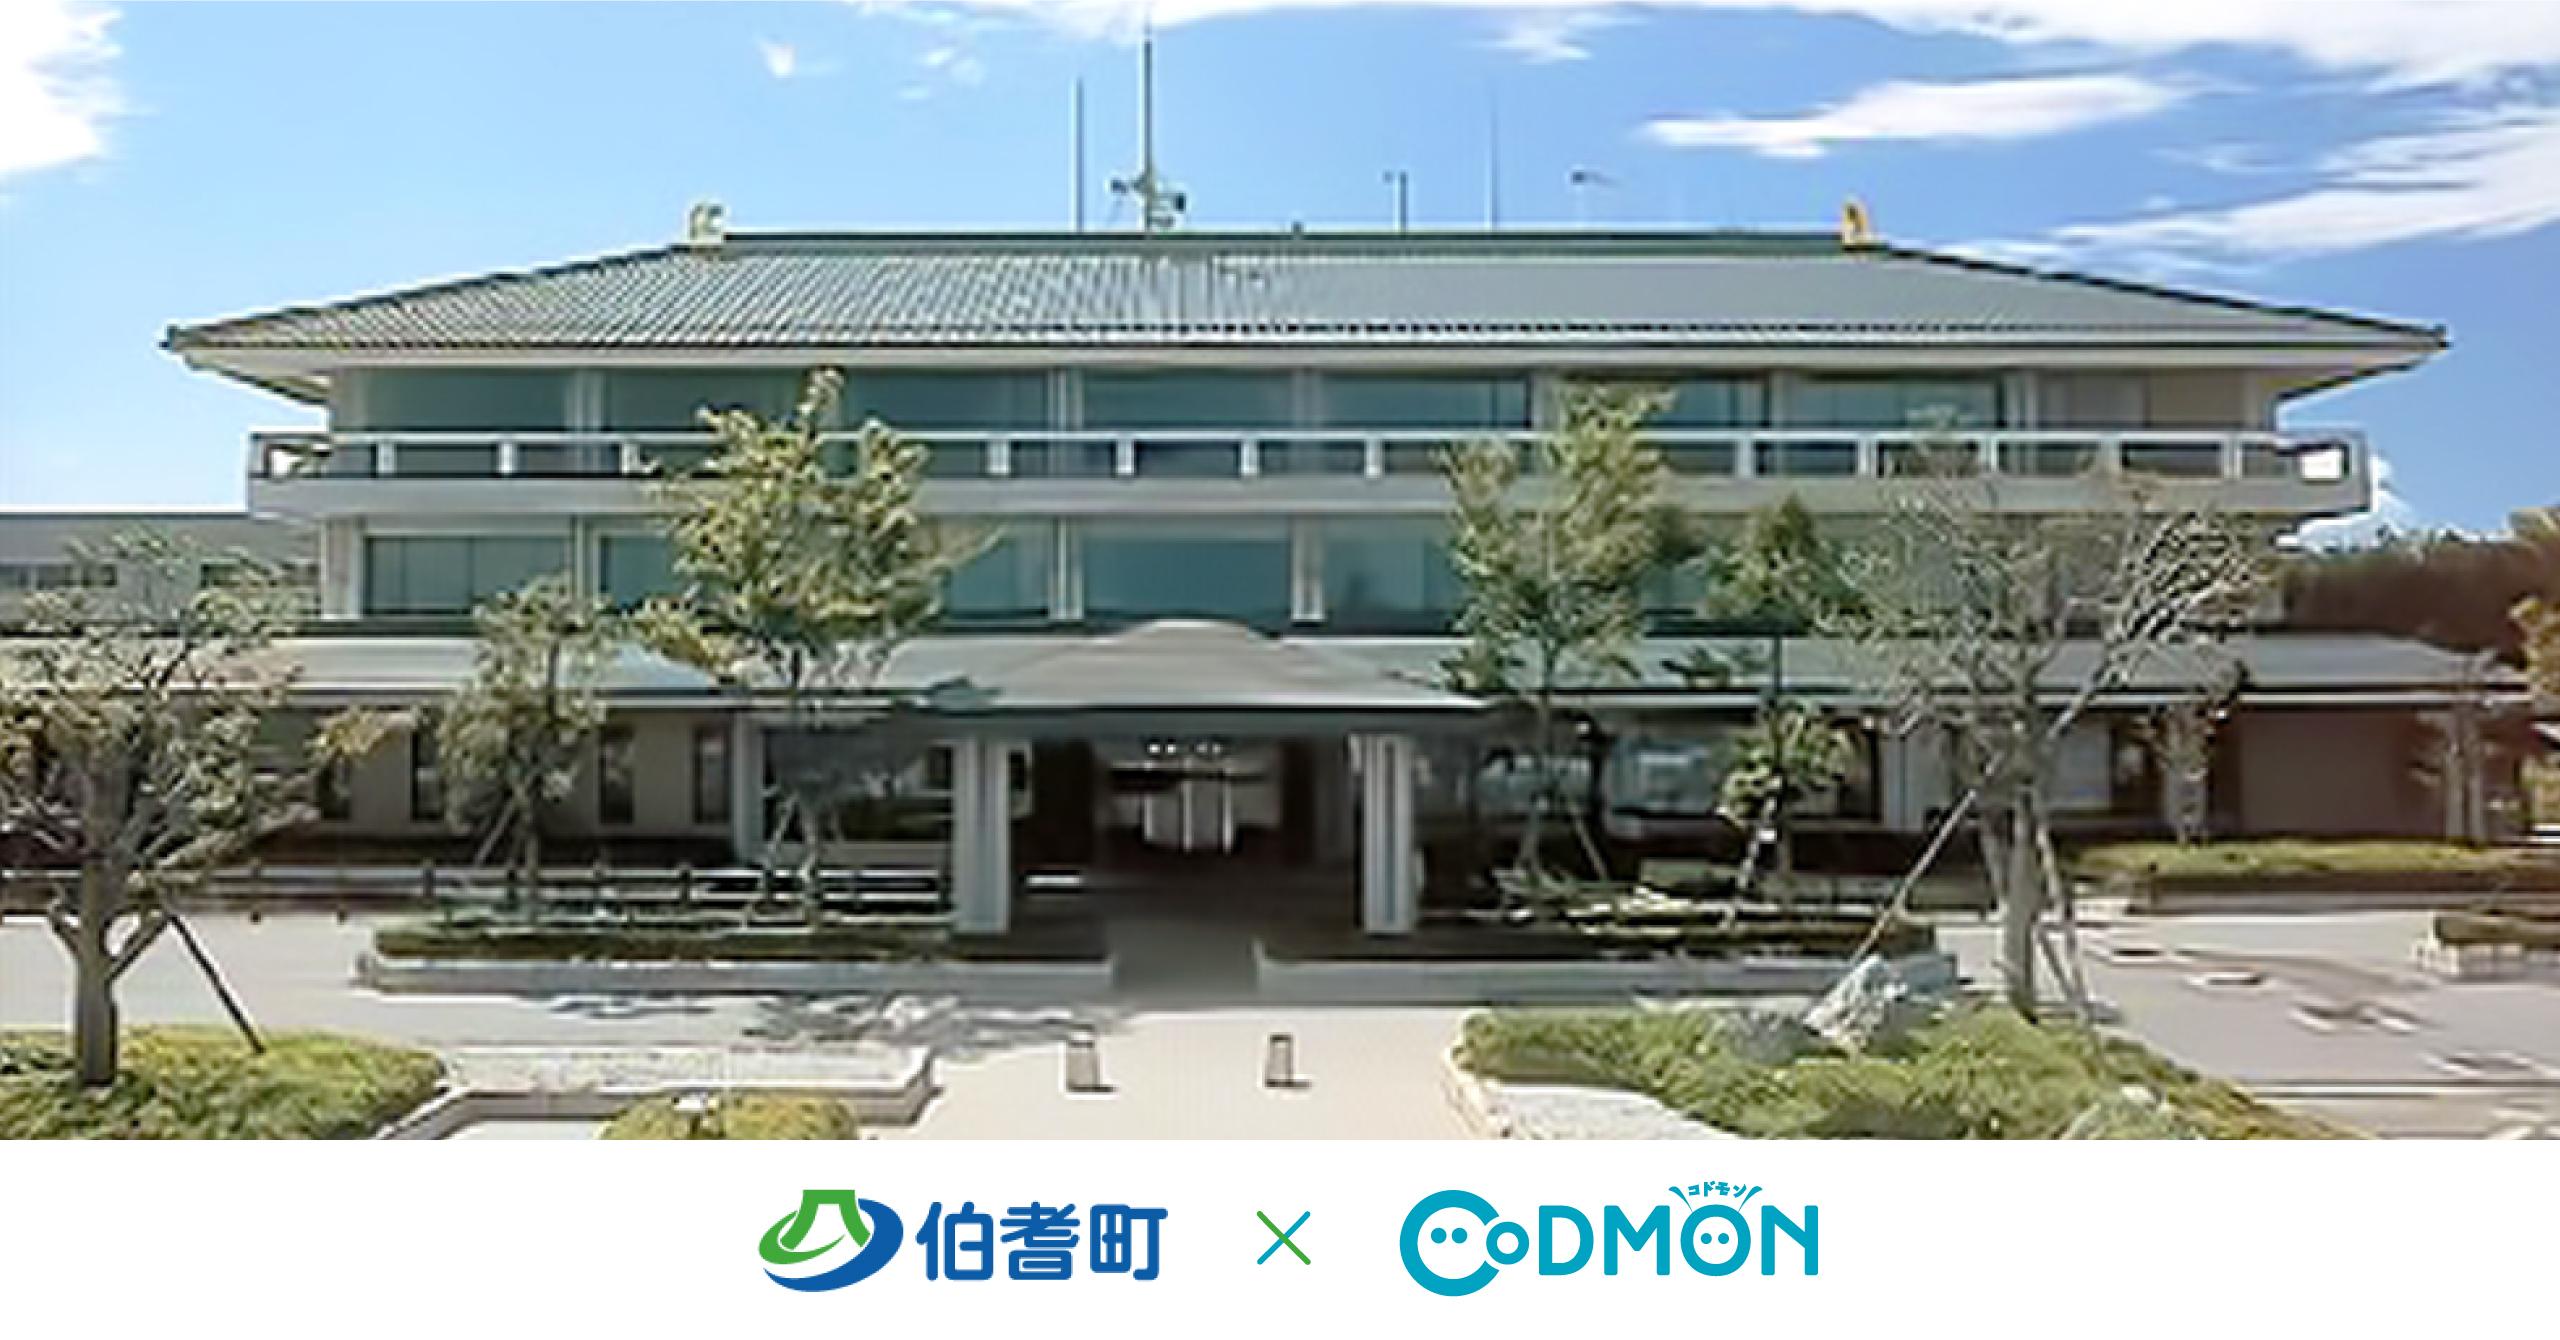 コドモン、鳥取県伯耆町の保育所等において、 保育ICTシステム「CoDMON」導入